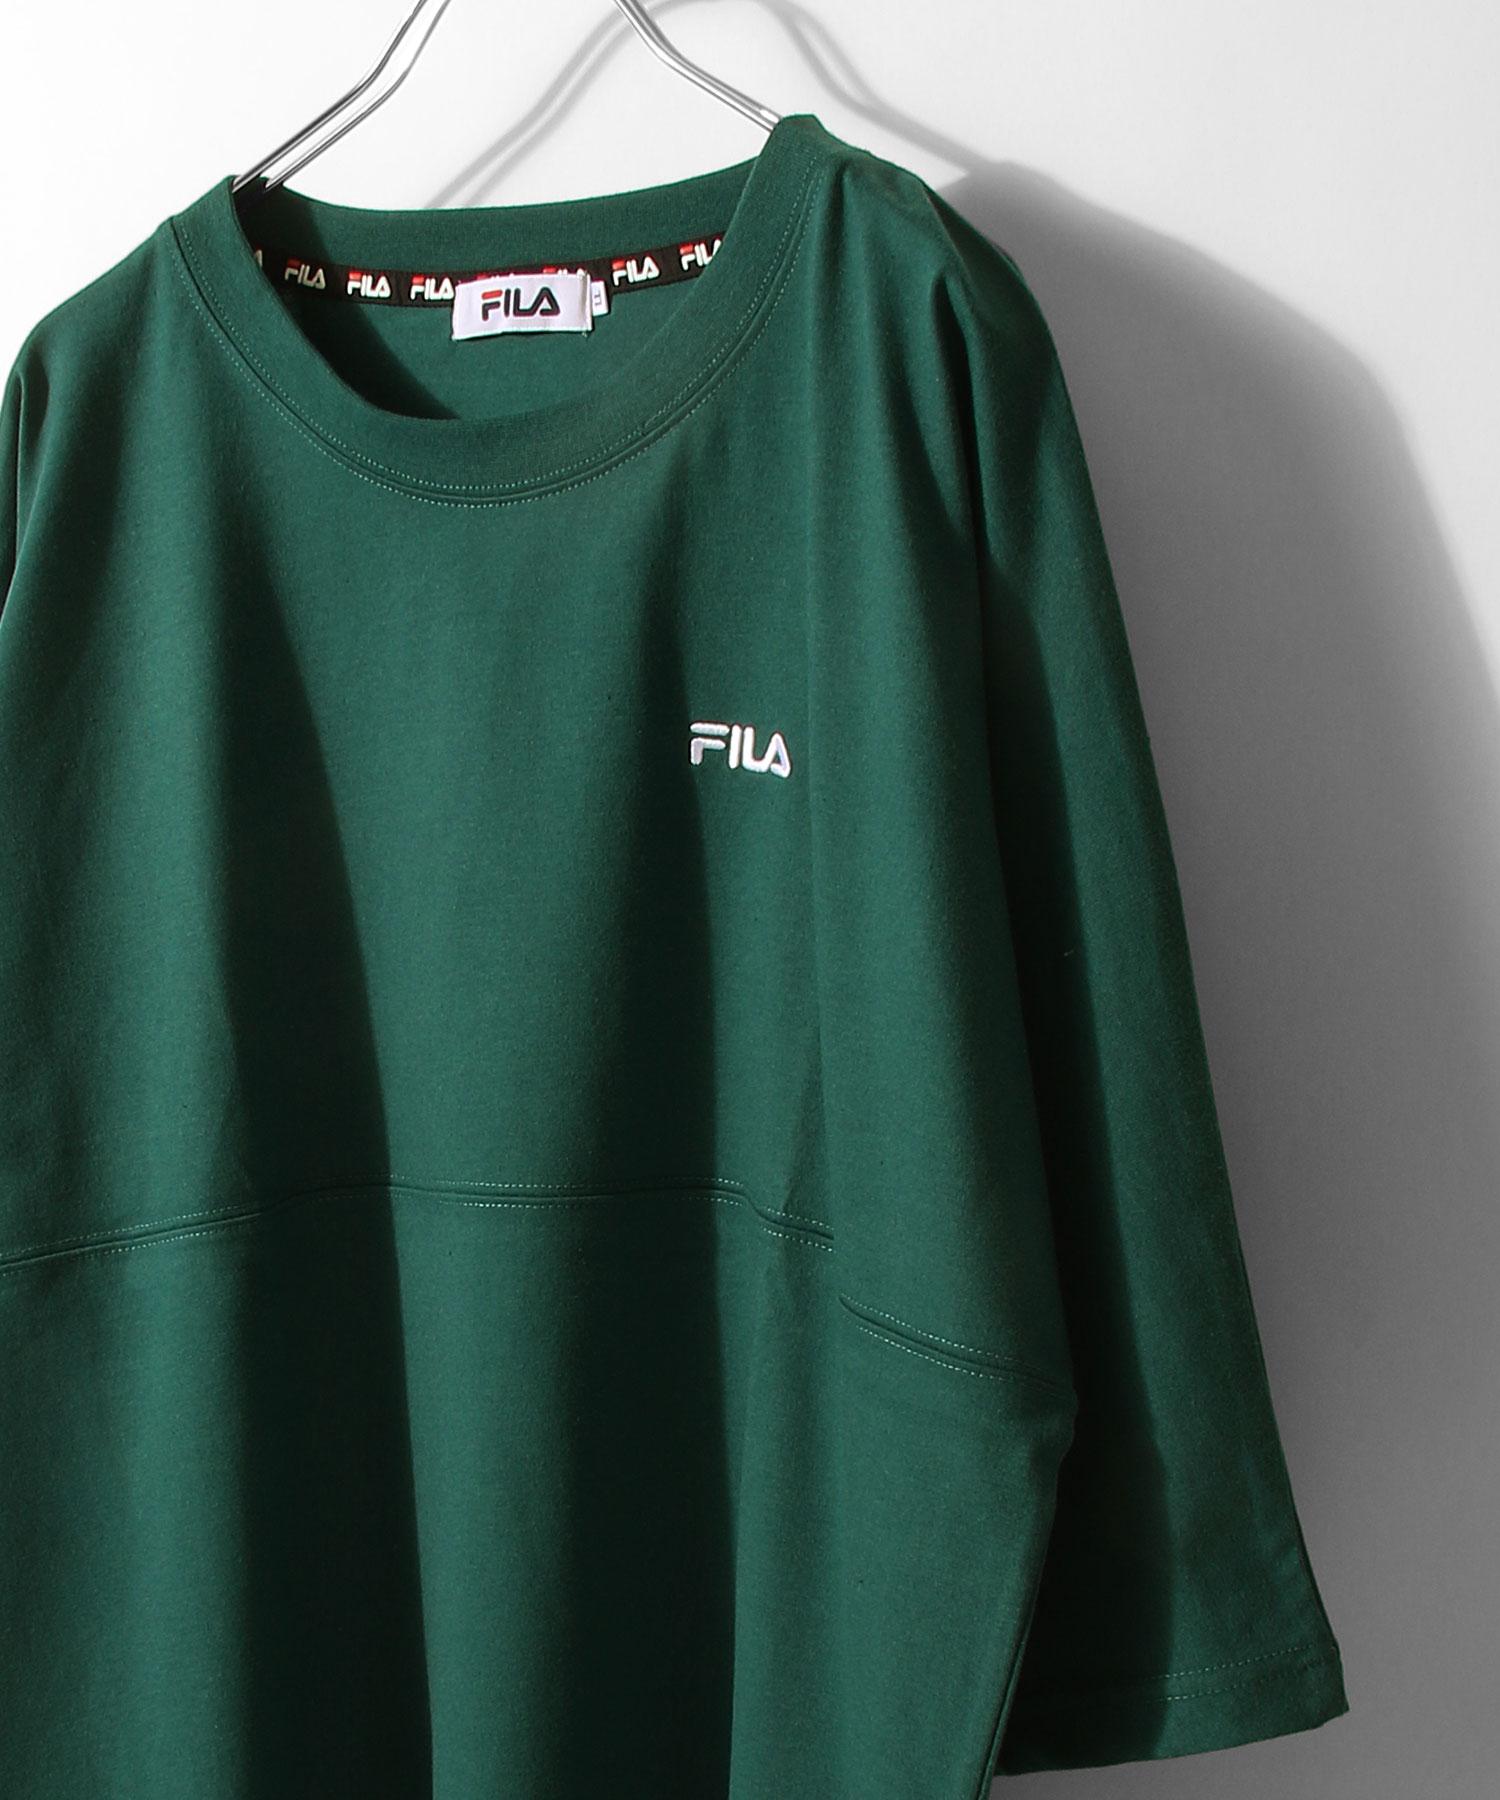 【FILA】背面印刷寬版短袖T恤 OVERSIZE 1